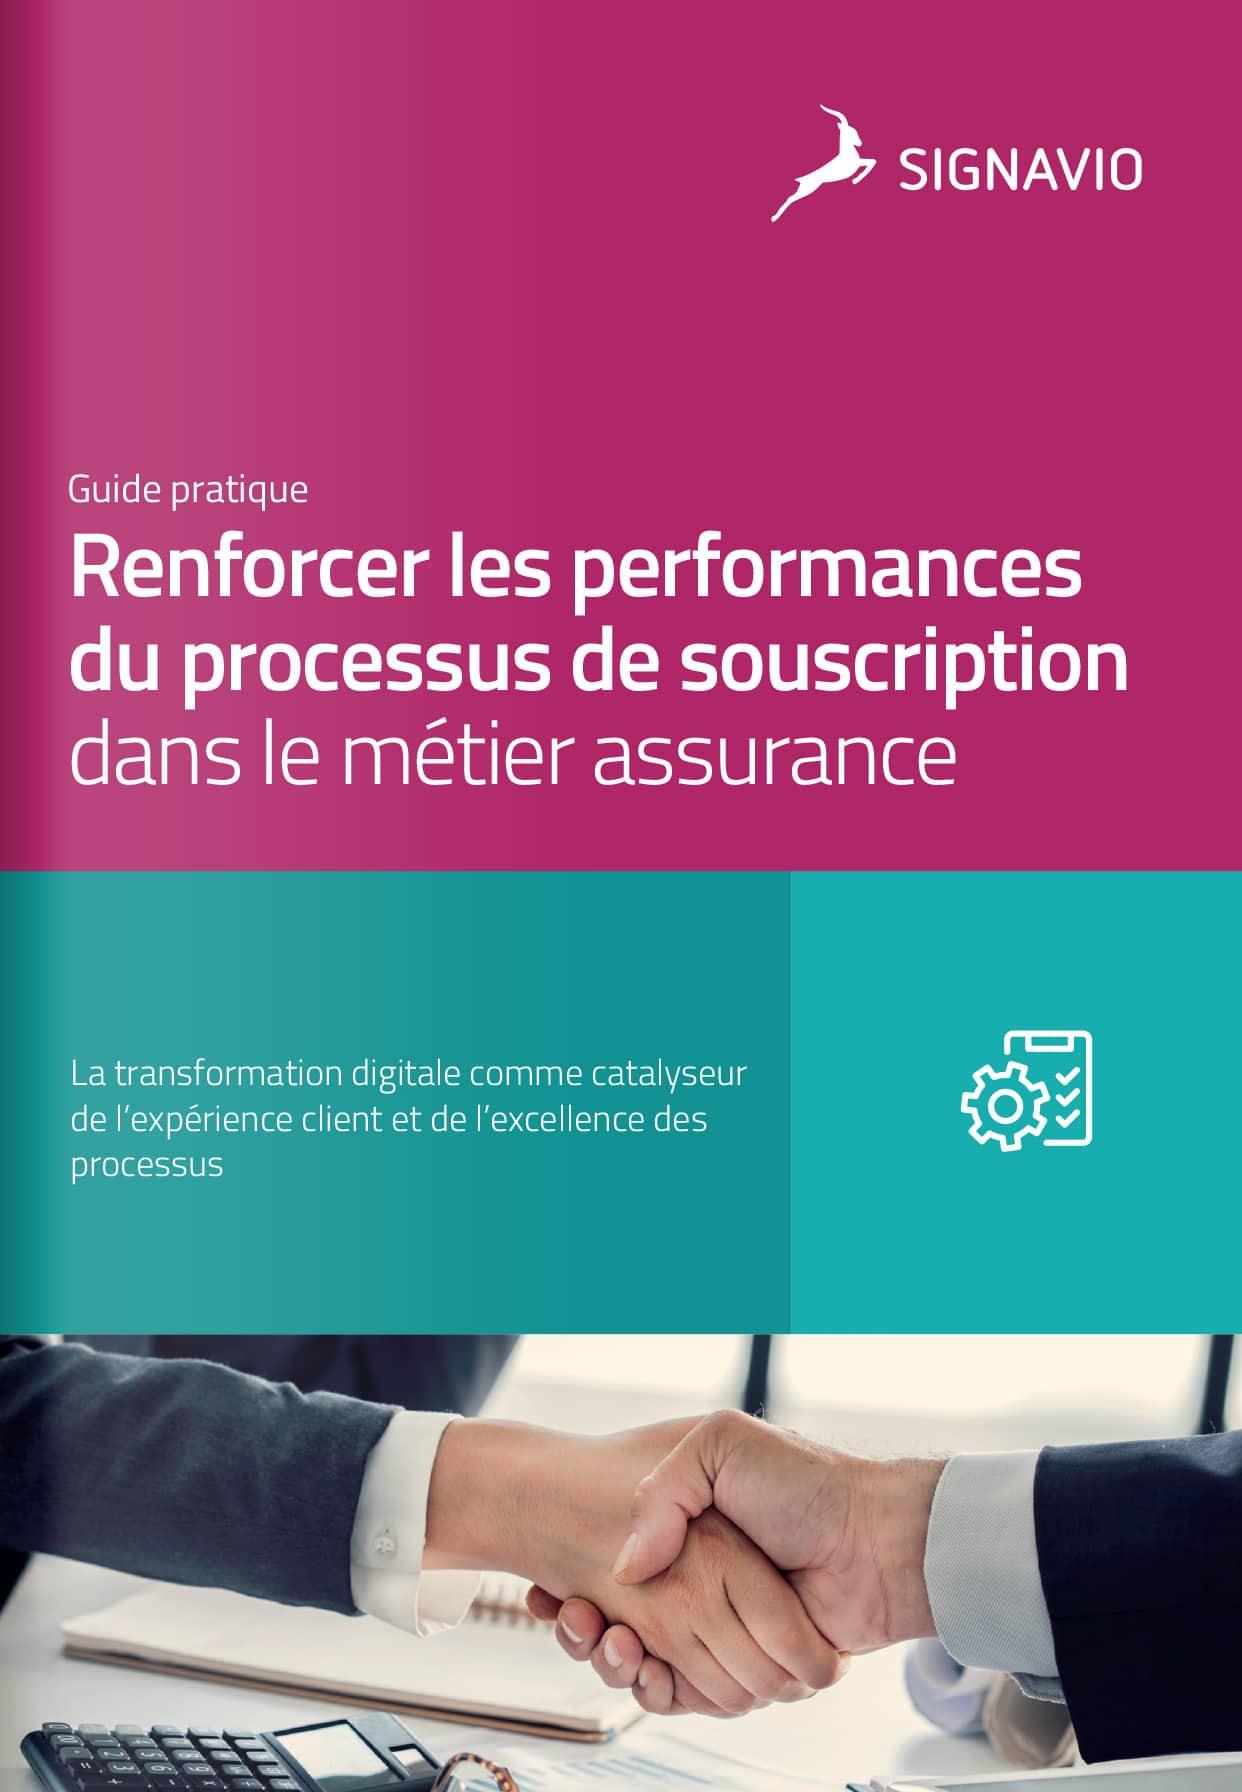 Renforcer les performances du processus de souscription dans le métier assurance